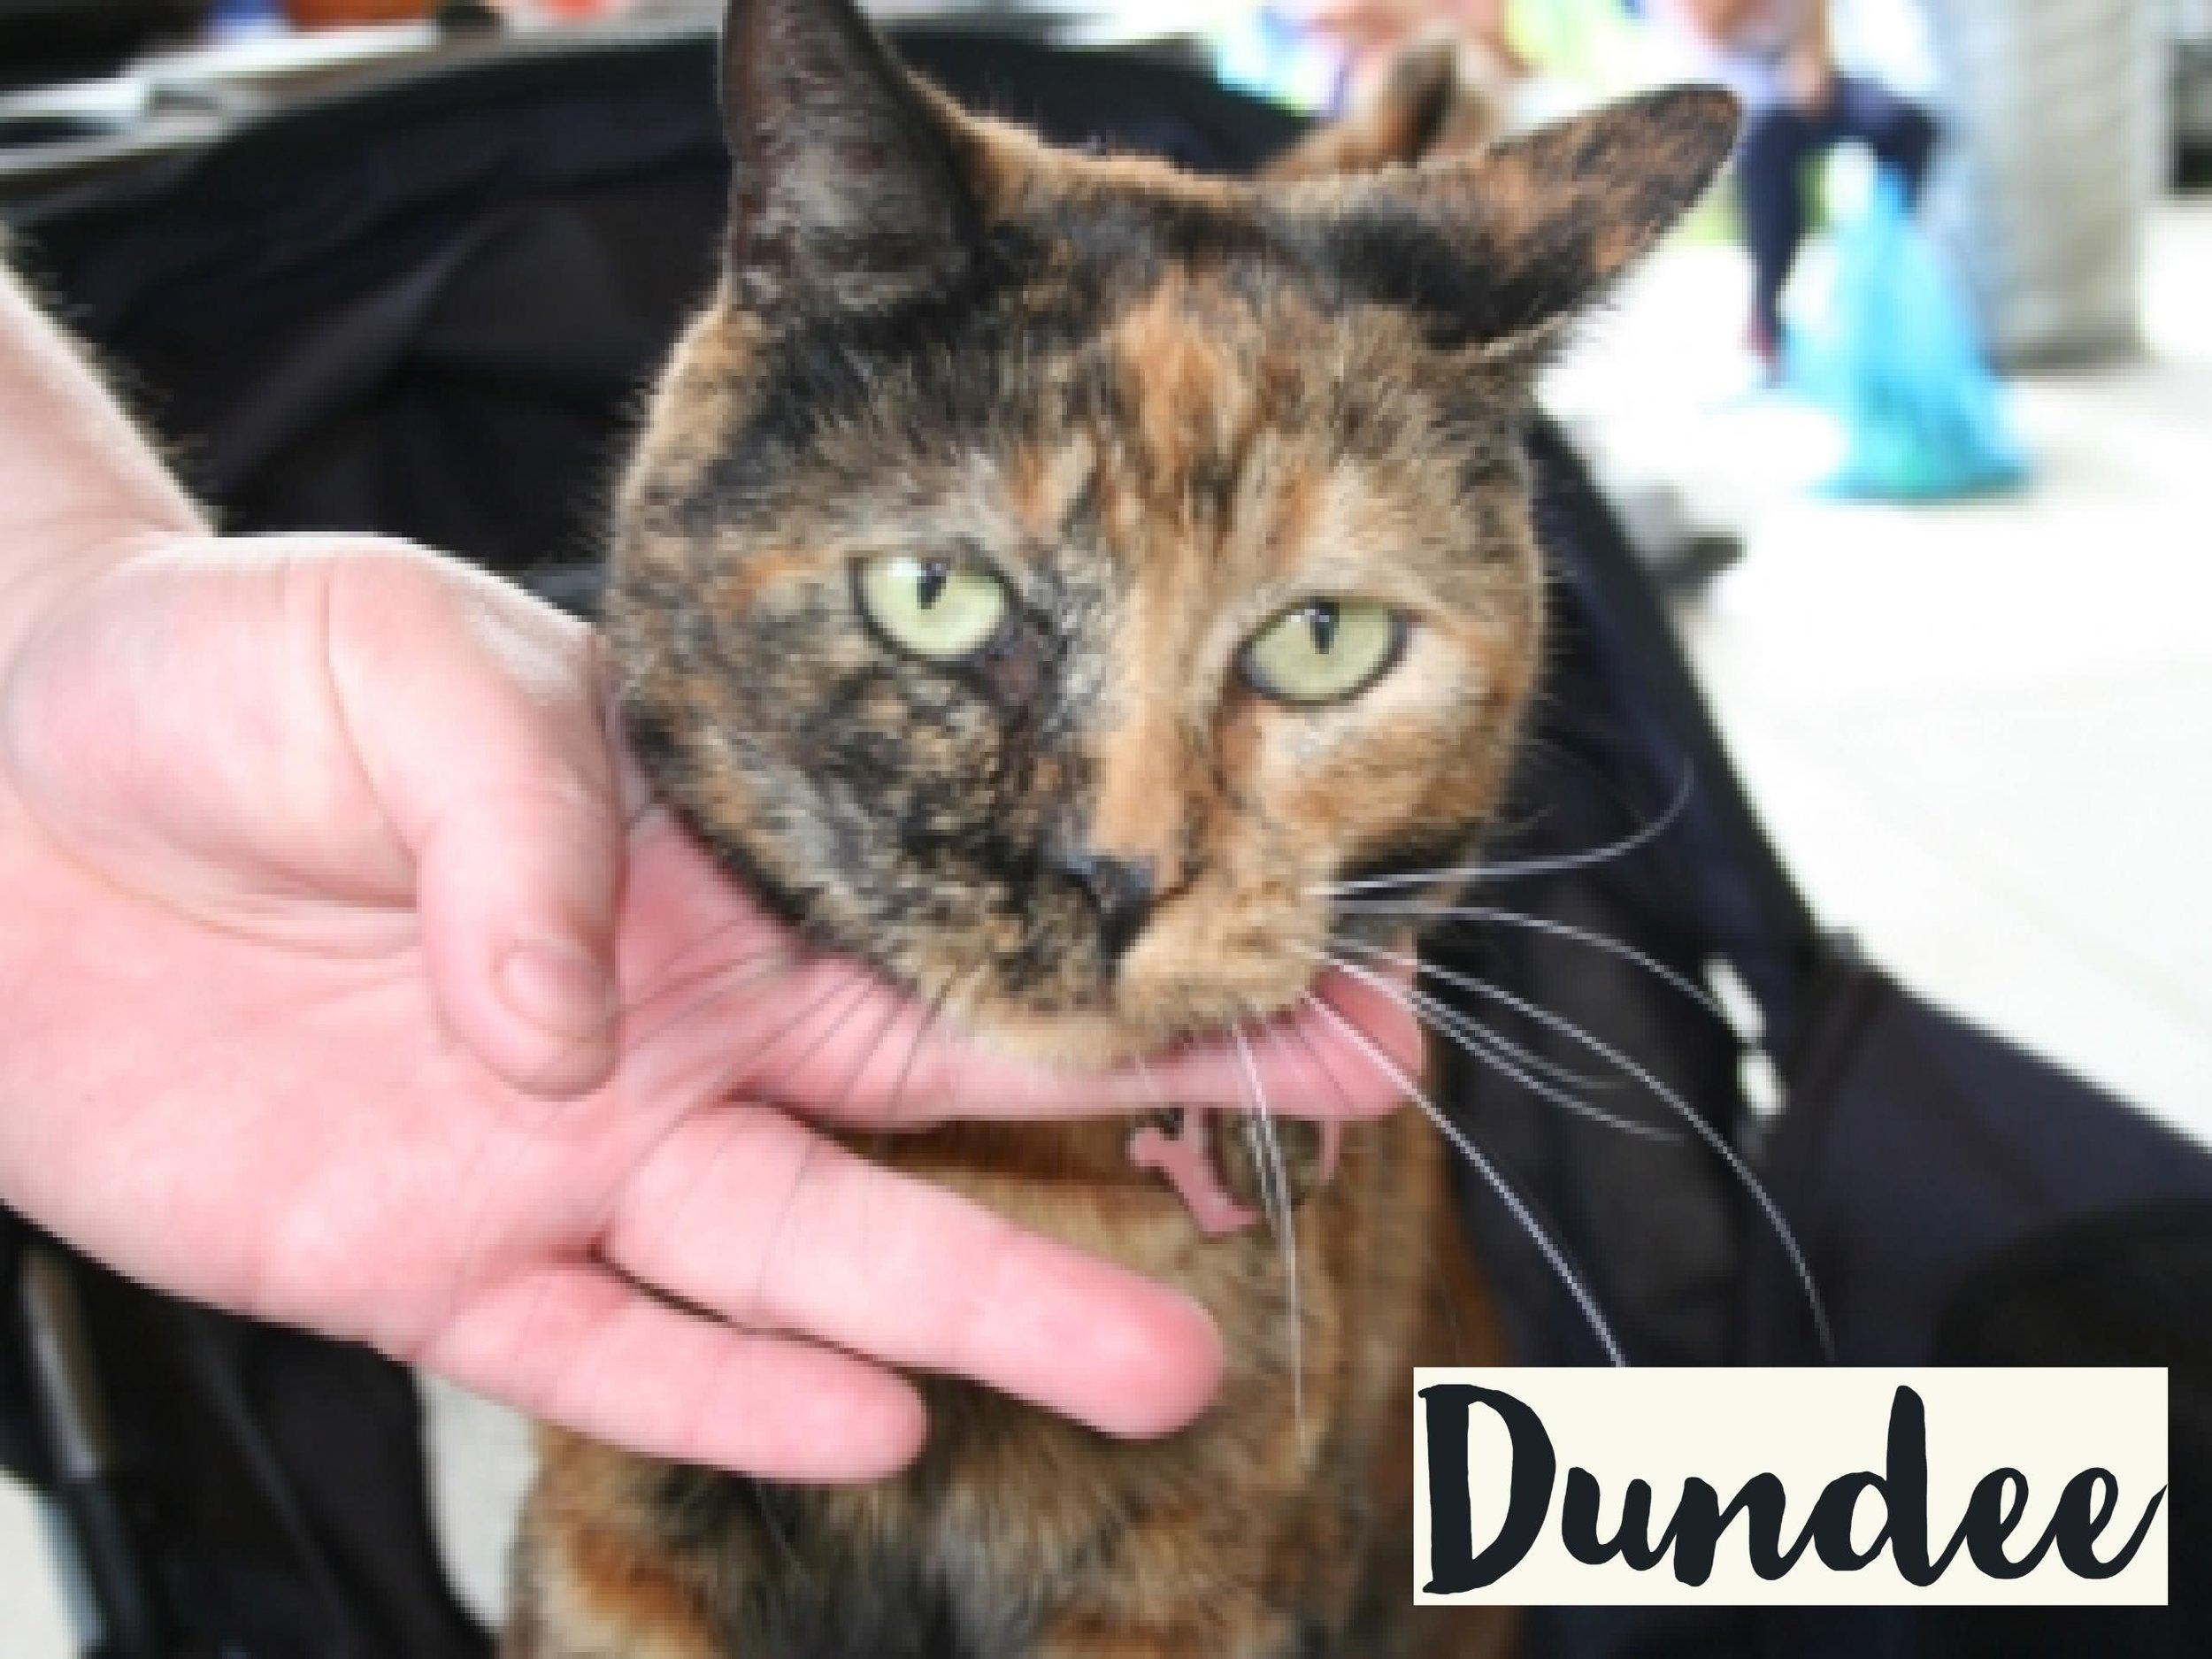 Dundee_WV17.jpg